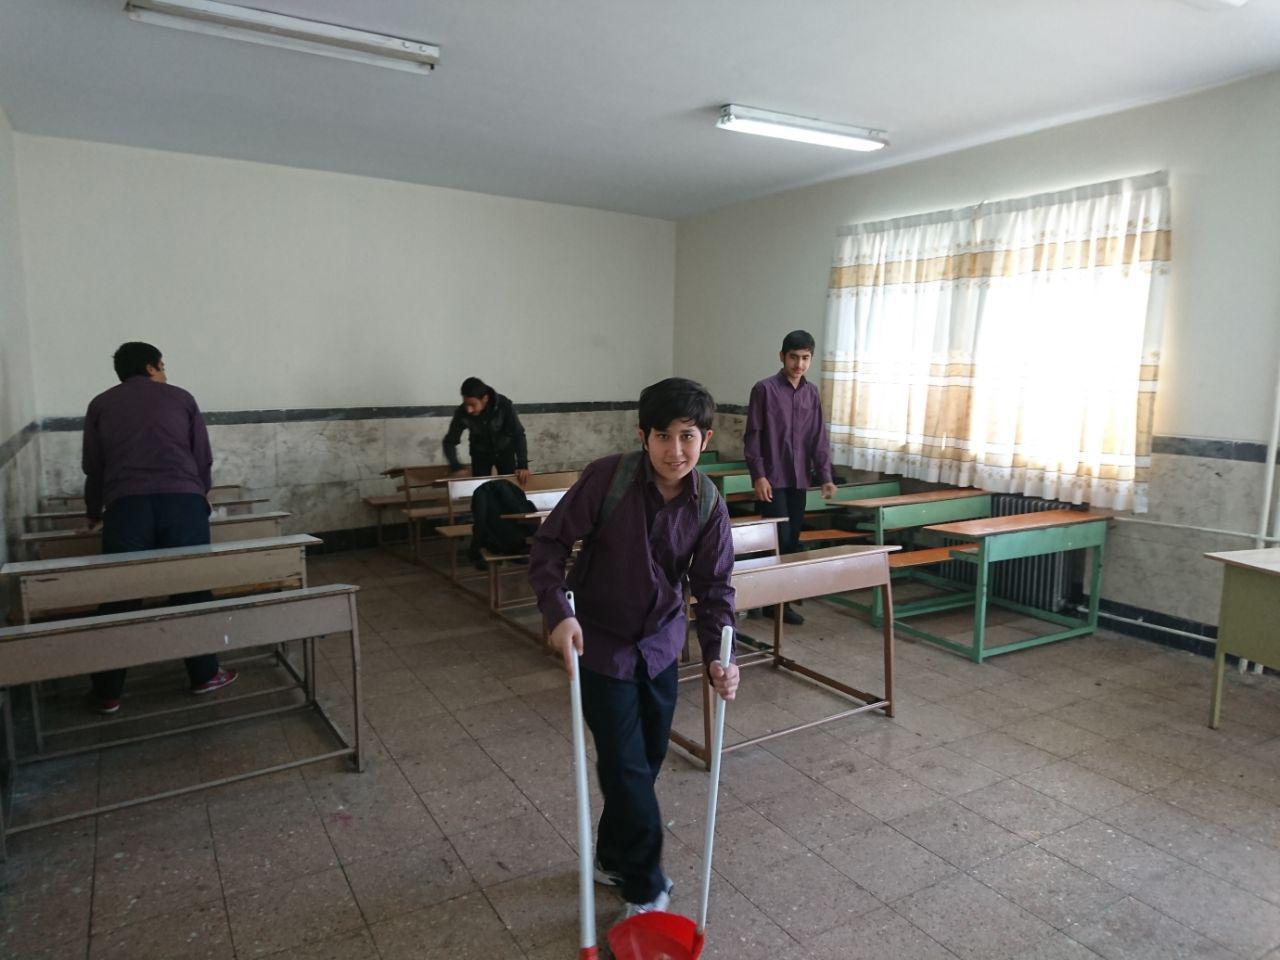 نظافت دبیرستان قبل از آغاز سال نو با همکاری دانش آموزان عزیز انجام شد.